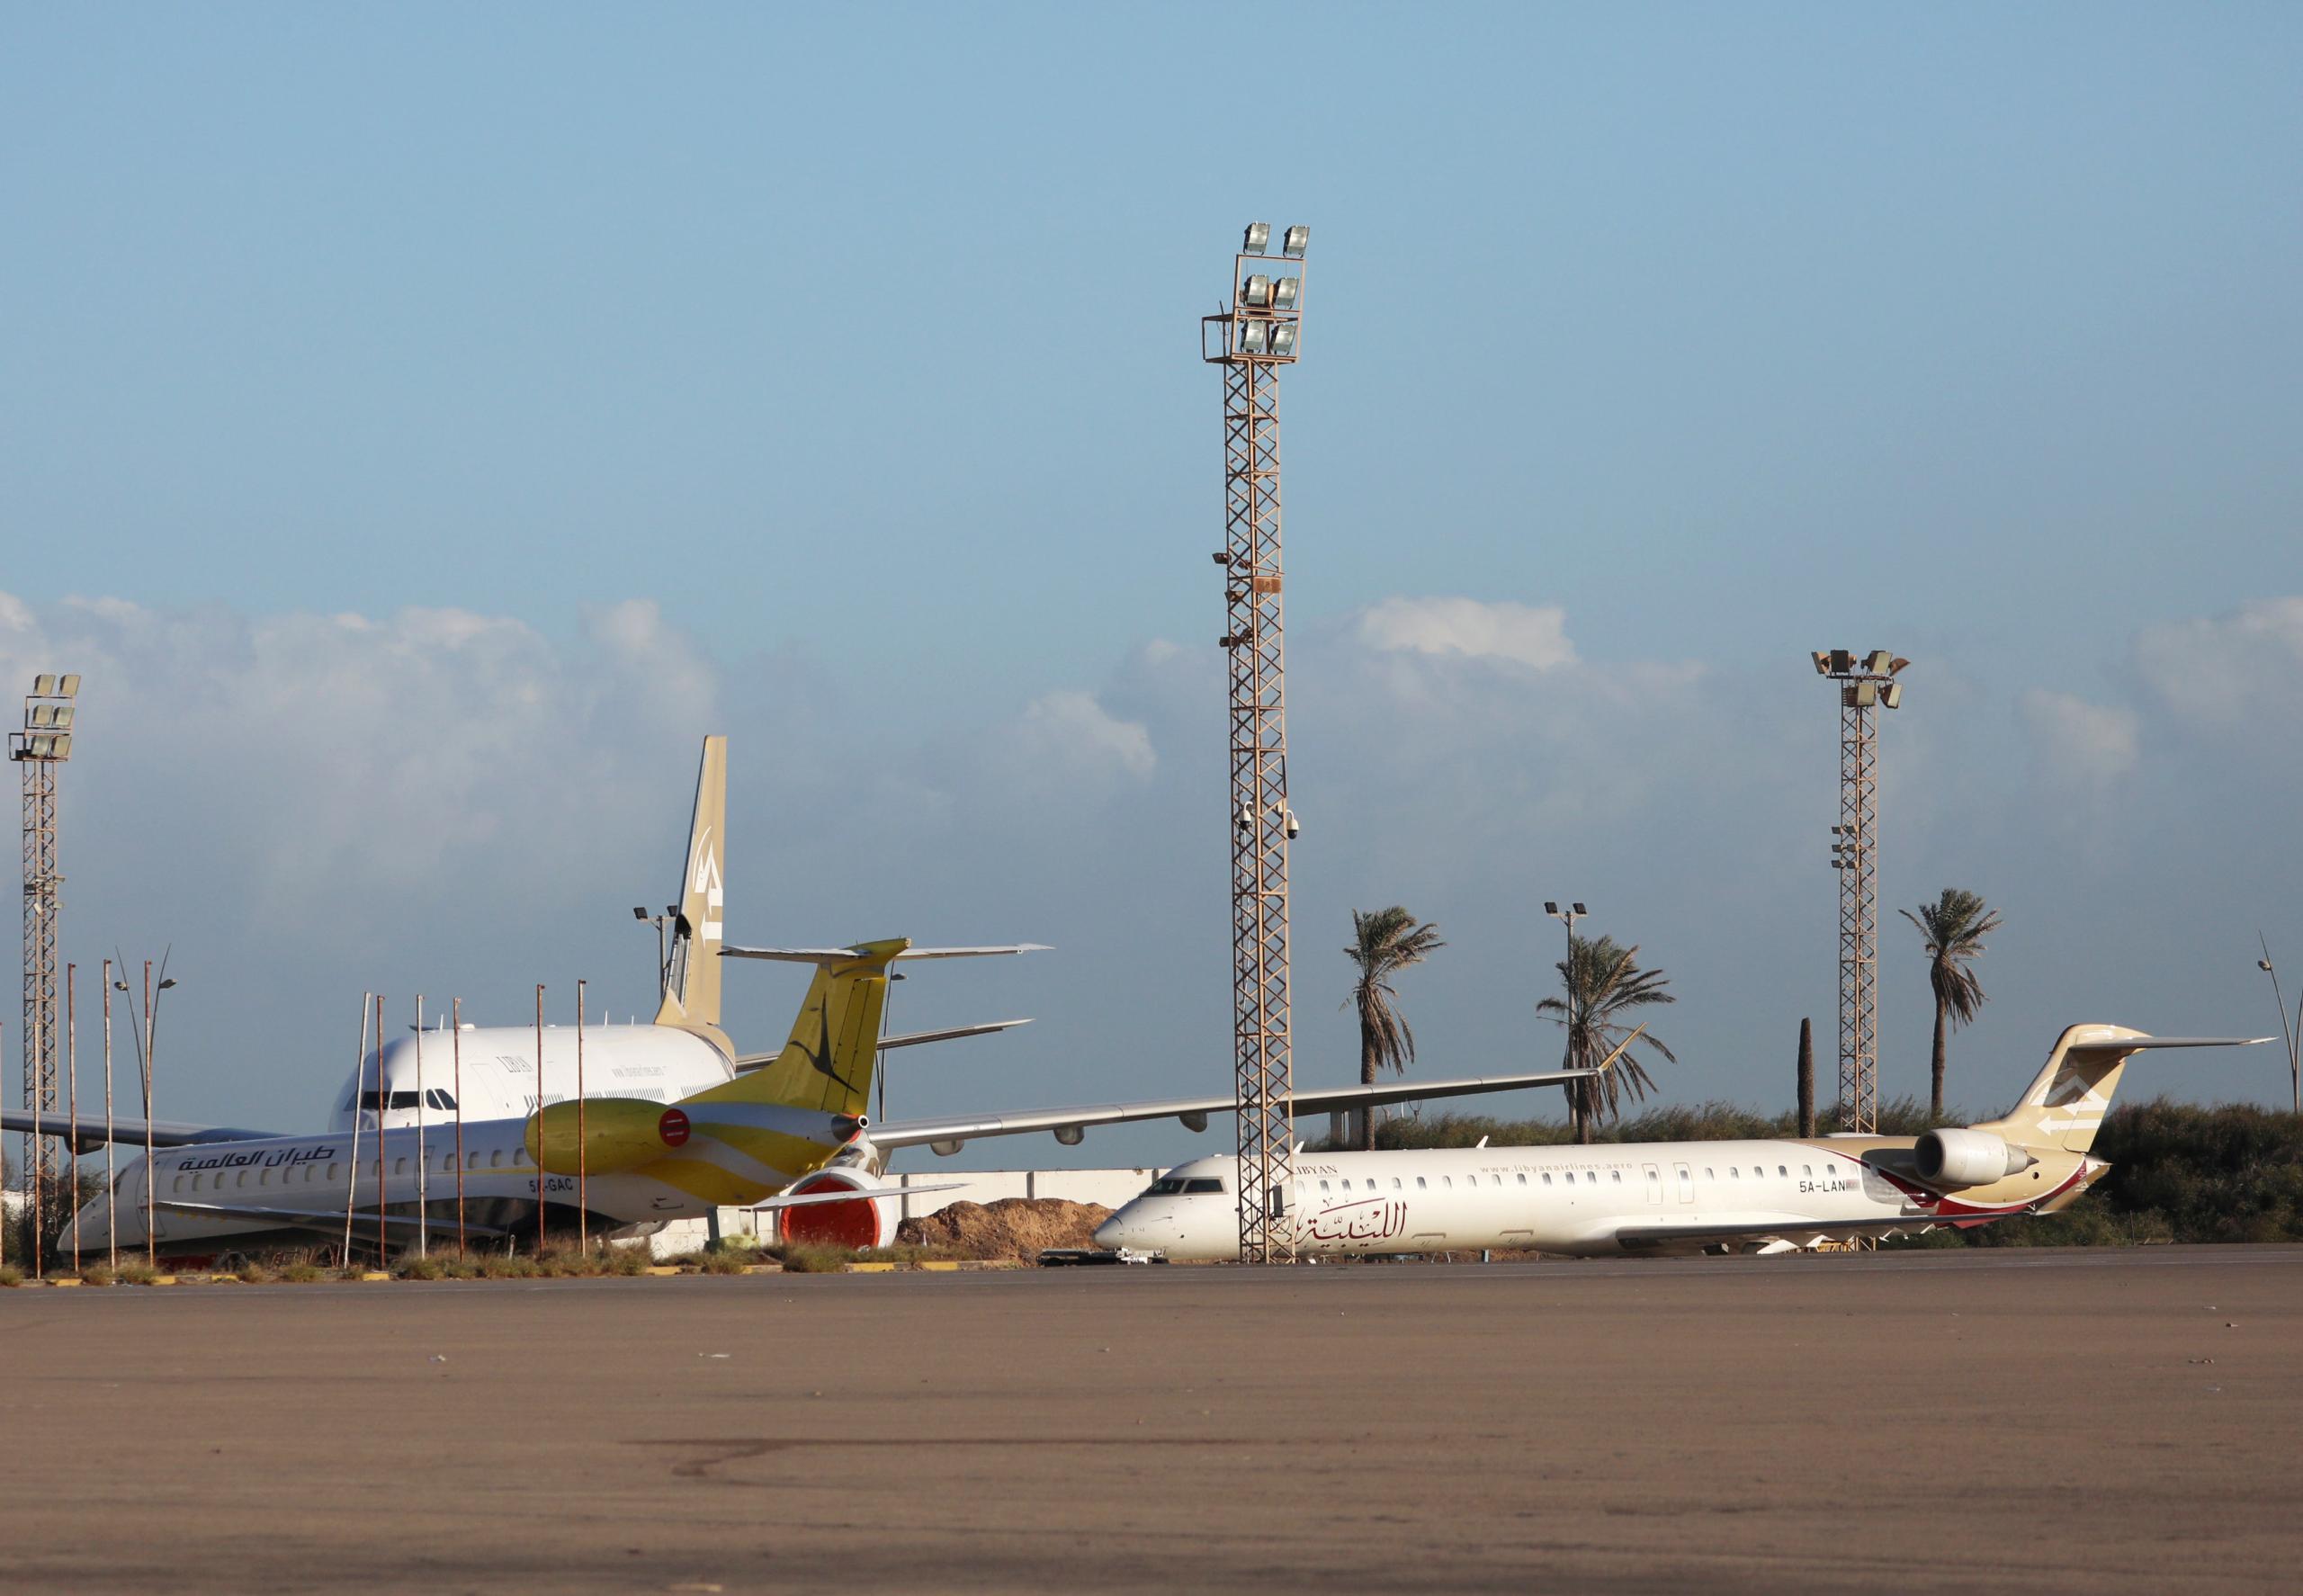 سلامة يُصارِح الليبيين بـ سيناريو مُرعب .. ويتشبّث بخطته   قناة 218